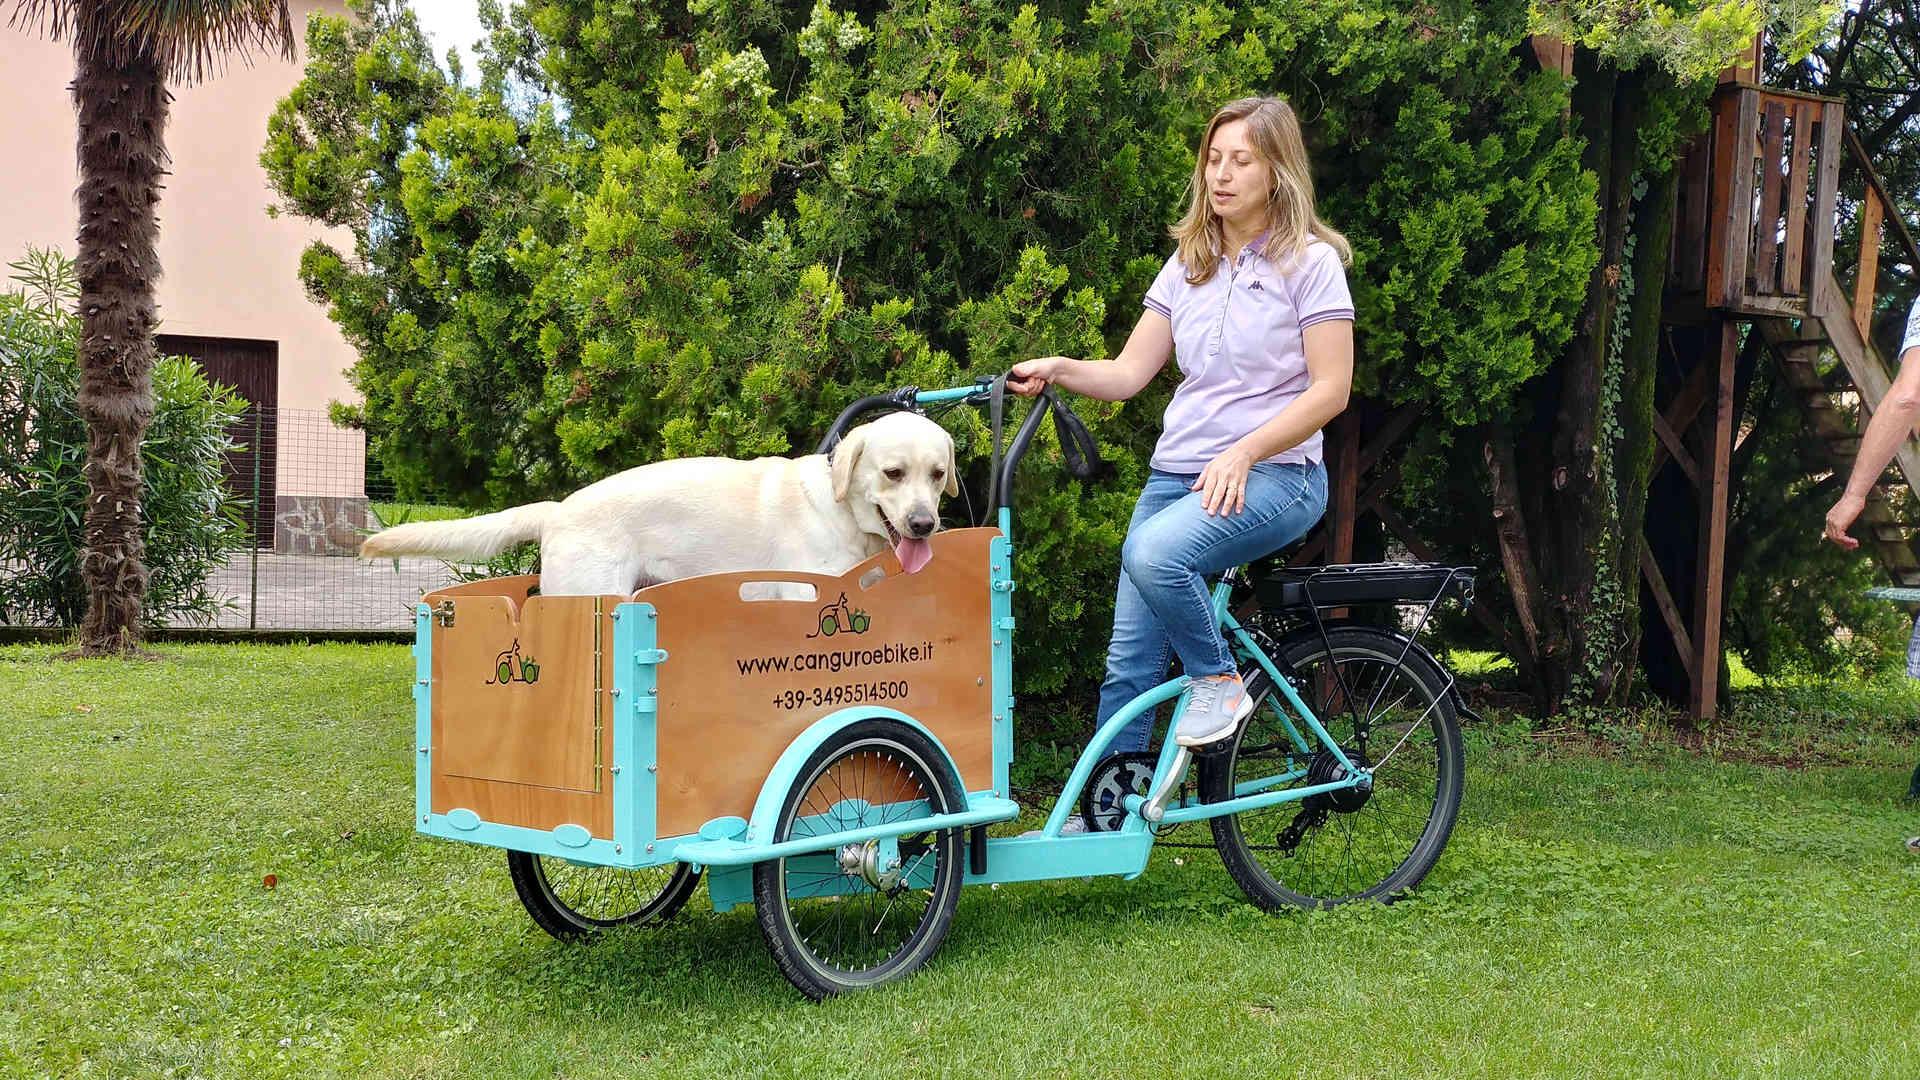 trasporta i tuoi animali domestici!